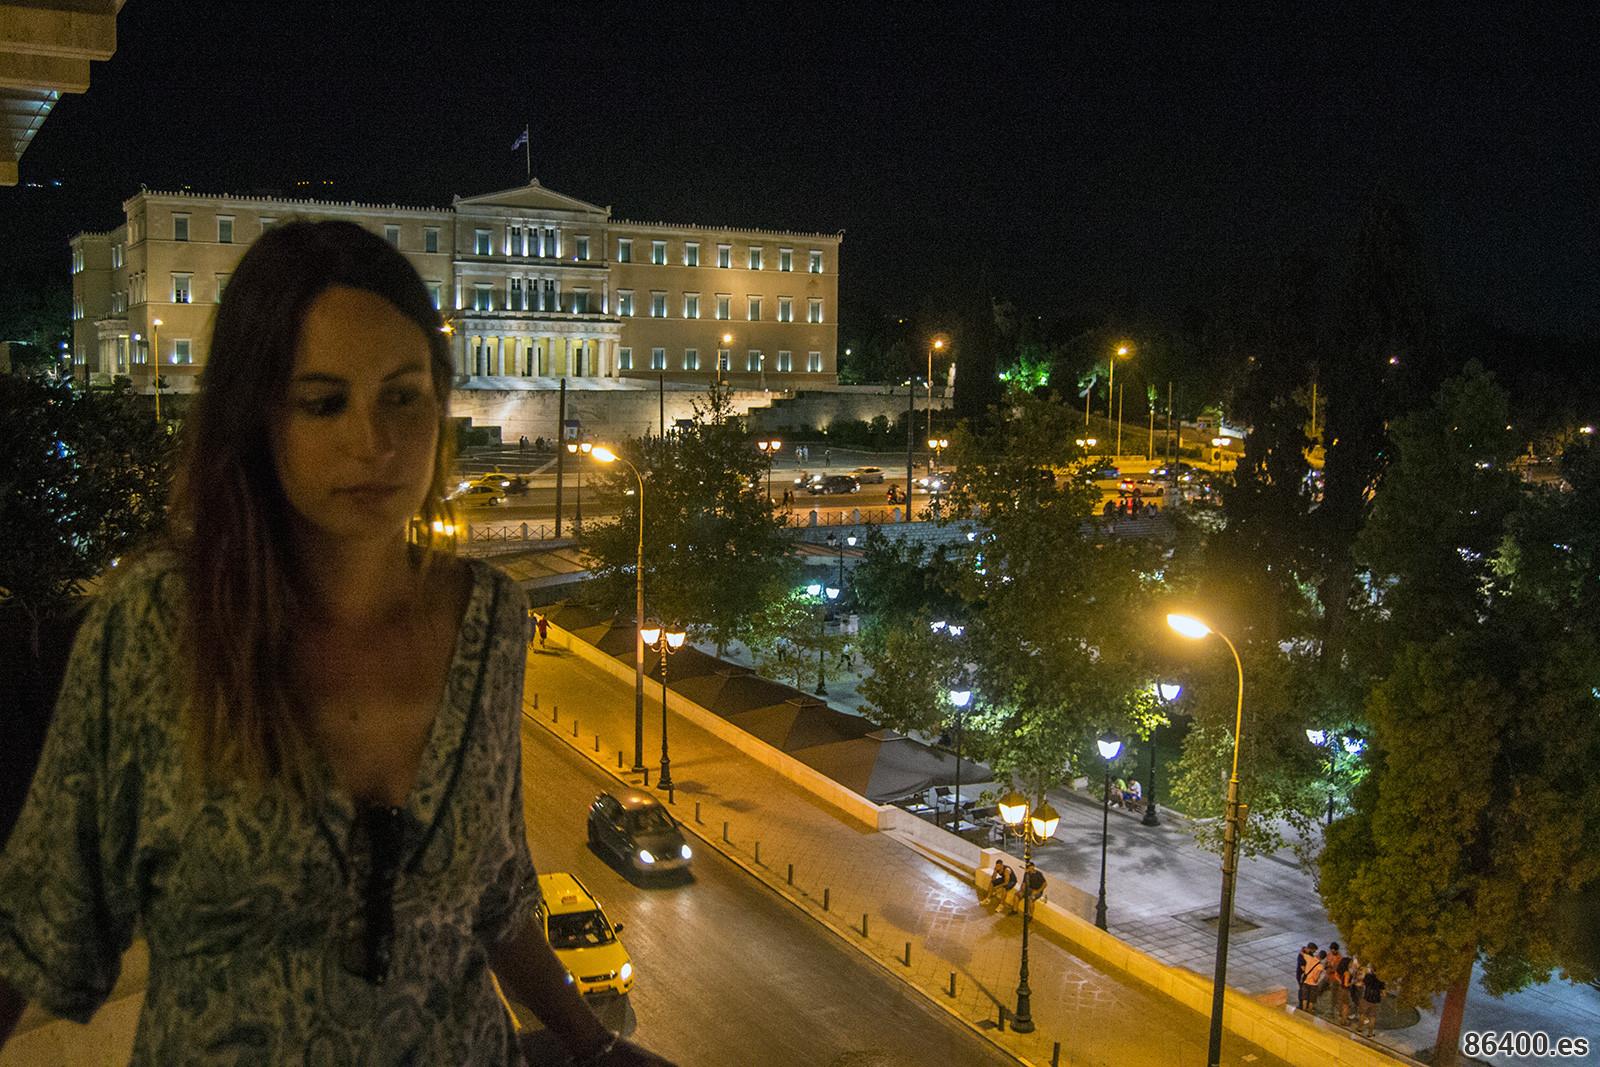 Terraza desde nuestra habitación en el NJV Athens Plaza con vistas a la Plaza Syntagma y al parlamento de Grecia - Atenas turismo